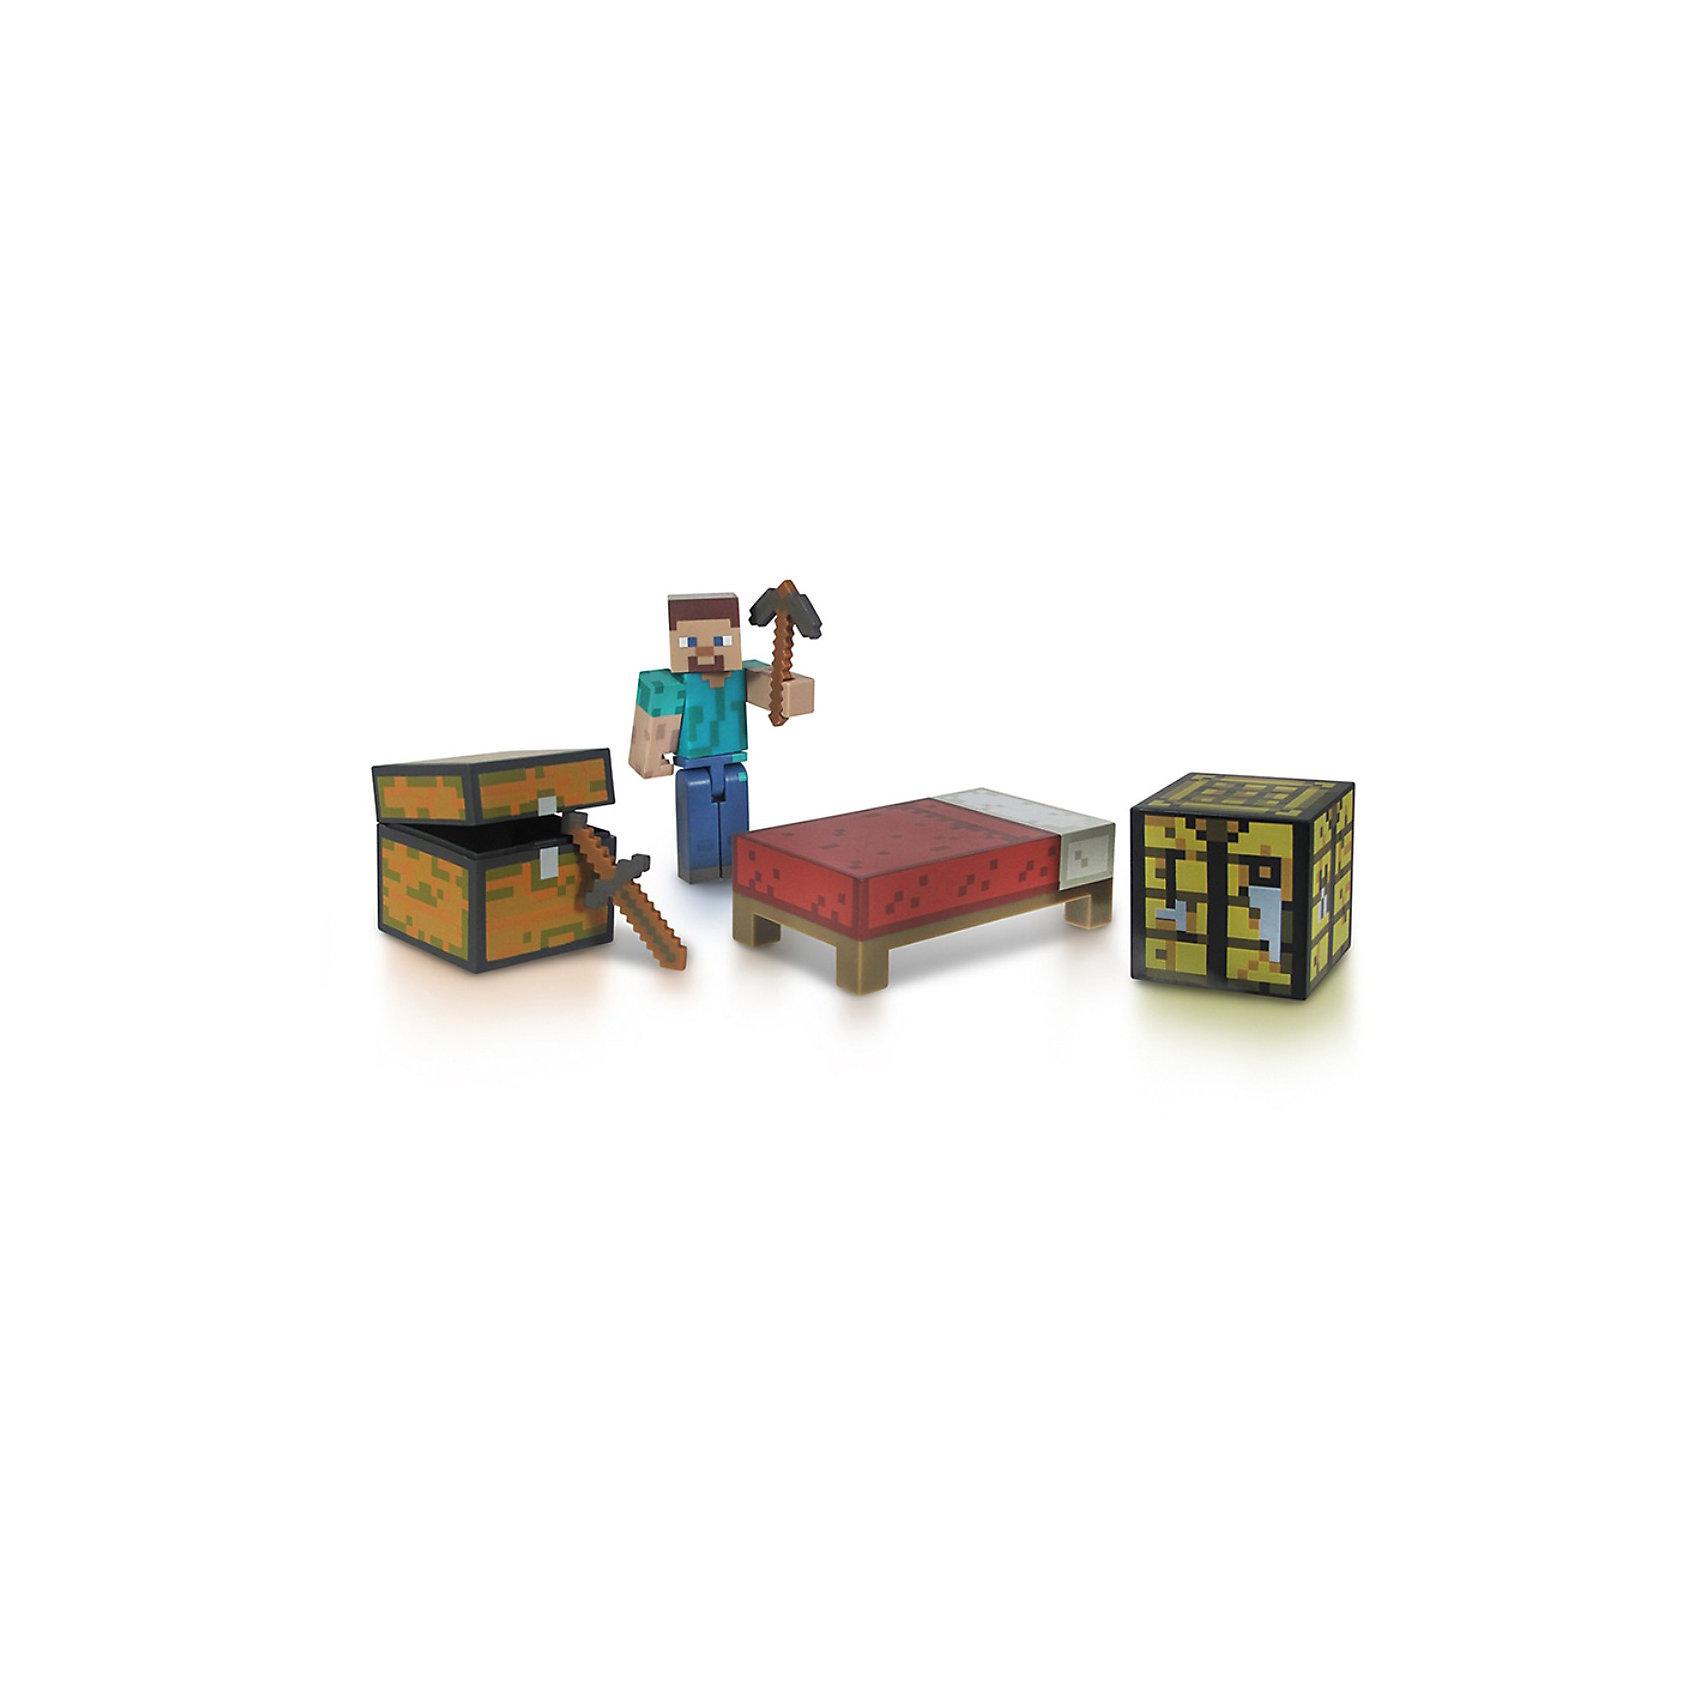 Фигурка с набором для выживания, 8 см, MinecraftФигурка с набором для выживания, 8 см, Minecraft (Майнкрафт) – это игровой набор, выполненный по мотивам культовой игры Майнкрафт.<br>Набор включает в себя фигурку всем известного Стива – персонажа игры Minecraft, а также некоторые самые типичные для этого персонажа аксессуары, помогающие ему выжить в блочном пиксельном мире Minecraft. В наборе меч, кирка, сундук и дополнительные инвентарные блоки, такие как верстак и кровать. Руки и ноги у Стива подвижные, а кирку и меч он может взять в руки. Этот набор превосходно подойдет в качестве подарка ребенку или фанату игры Minecraft. В процессе игры ребенок будет выдумывать различные сюжеты, развивая свое воображение.<br><br>Дополнительная информация:<br><br>- В комплекте: фигурка Стива, меч, кирку, сундук, верстак, кровать<br>- Материал: высококачественный пластик<br>- Размер: 8 см.<br>- Размер упаковки: 14,5 х 17,5 х 5 см.<br><br>Фигурку с набором для выживания, 8 см, Minecraft (Майнкрафт) можно купить в нашем интернет-магазине.<br><br>Ширина мм: 235<br>Глубина мм: 208<br>Высота мм: 55<br>Вес г: 128<br>Возраст от месяцев: 72<br>Возраст до месяцев: 120<br>Пол: Мужской<br>Возраст: Детский<br>SKU: 3712318